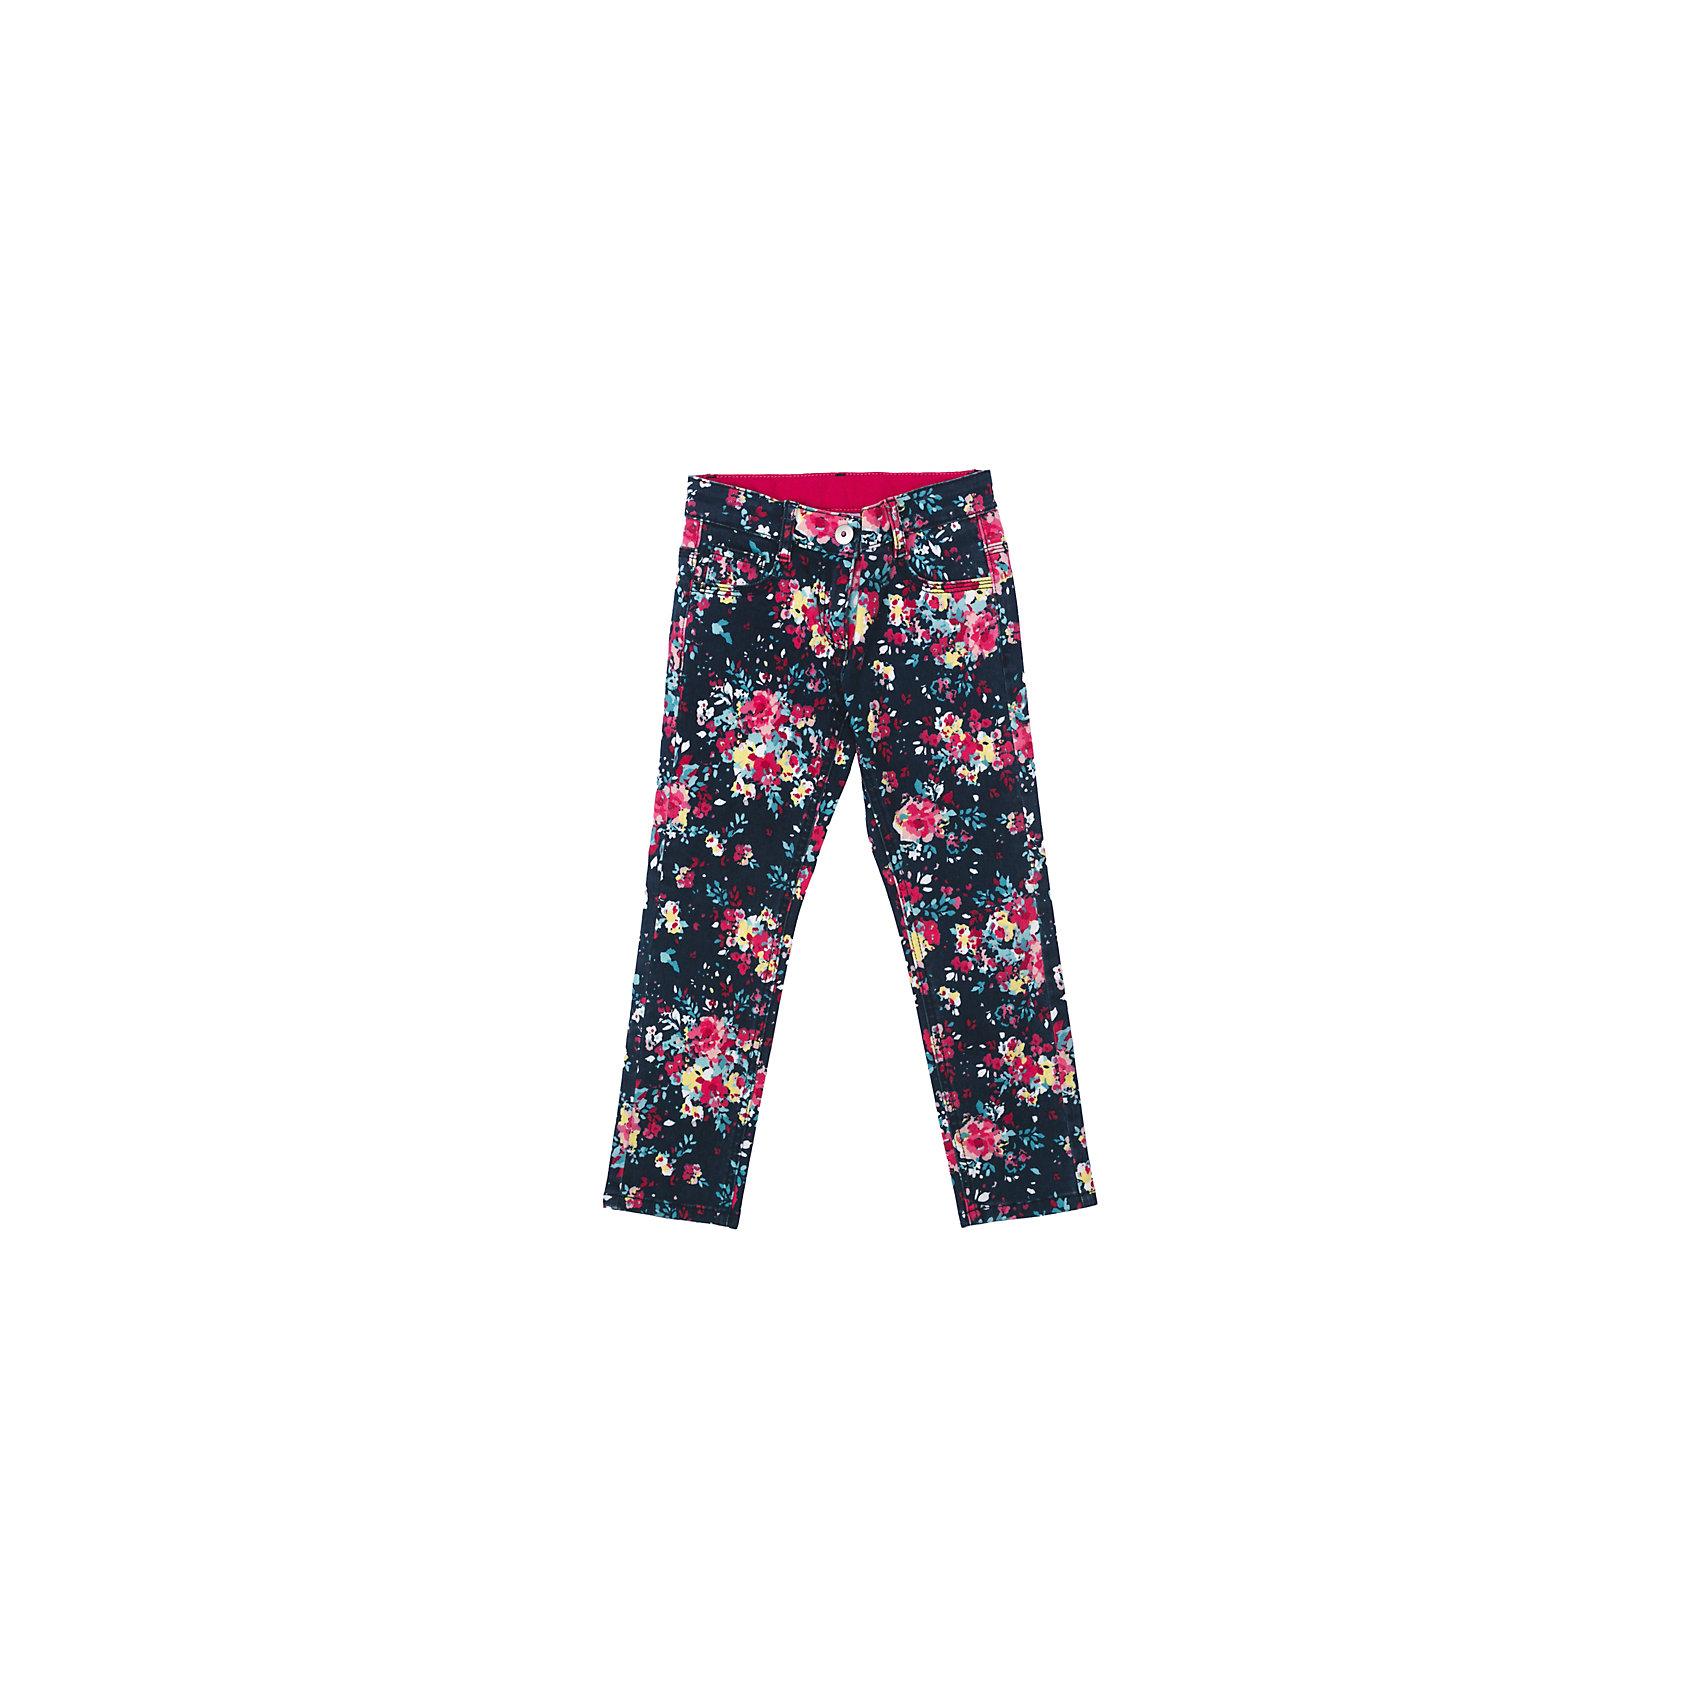 Брюки для девочки PlayTodayБрюки для девочки PlayToday<br>Стильные брюки из мягкой яркой цветной ткани понравятся Вашей моднице. Брюки комфортны при носке и не сковывают движений ребенка. Модель с карманами, снабжена шлевками. Могут быть хорошей базовой вещью в детском гардеробе   <br><br>Преимущества: <br><br>Мягкая ткань не сковывает движений ребенка<br>Брюки со шлевками<br>Брюки комфортны при носке<br><br>Состав:<br>98% хлопок, 2% эластан<br><br>Ширина мм: 215<br>Глубина мм: 88<br>Высота мм: 191<br>Вес г: 336<br>Цвет: разноцветный<br>Возраст от месяцев: 84<br>Возраст до месяцев: 96<br>Пол: Женский<br>Возраст: Детский<br>Размер: 128,98,104,110,116,122<br>SKU: 5403648